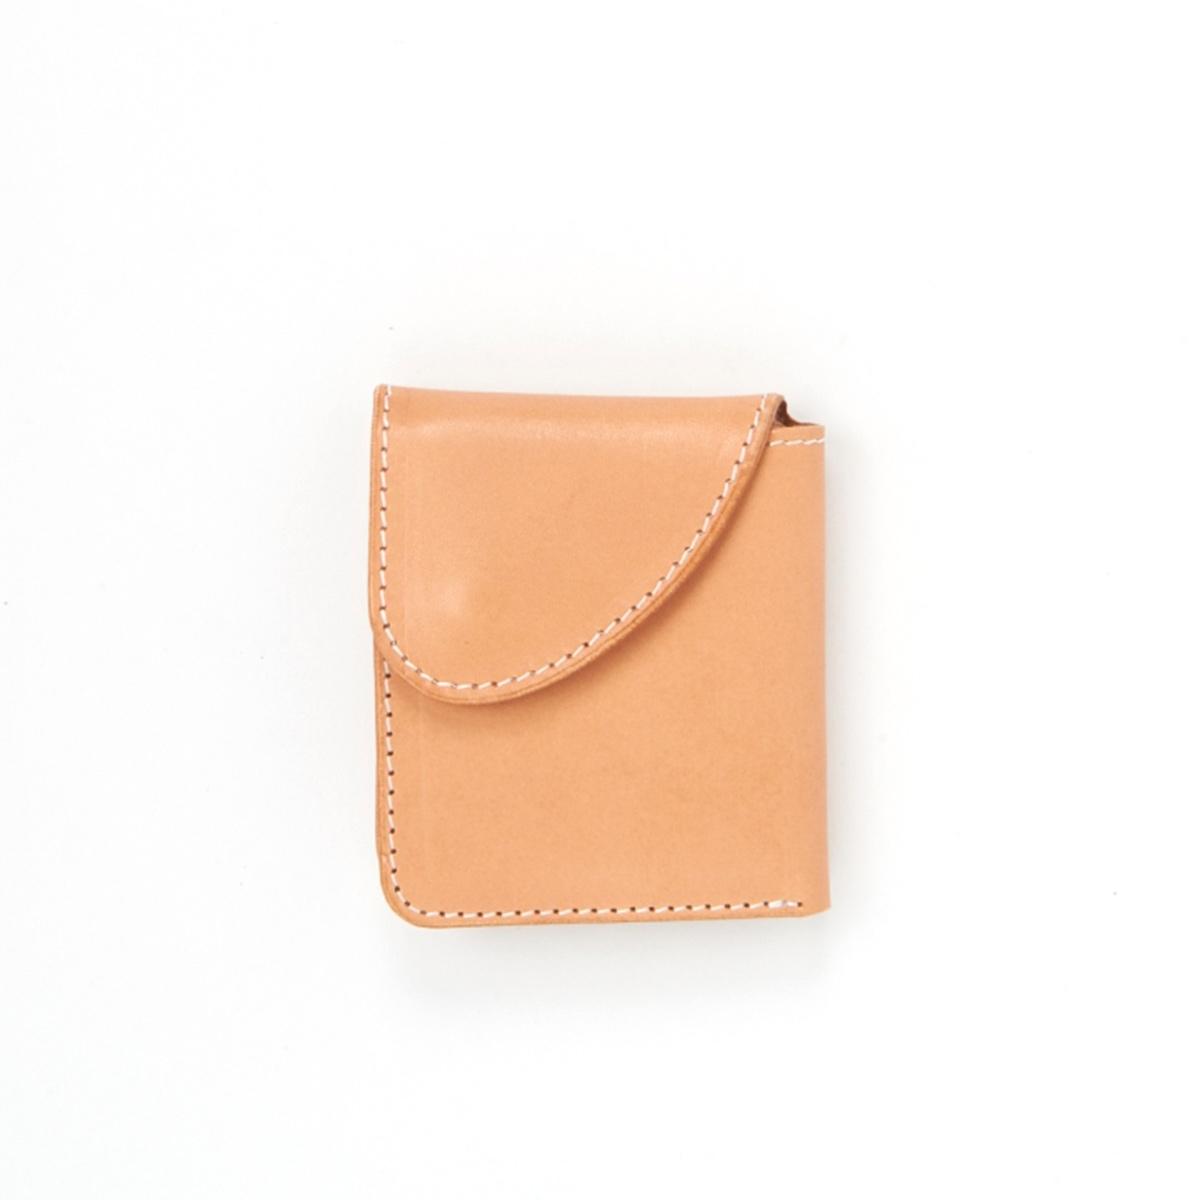 Hender Scheme / wallet -Natural